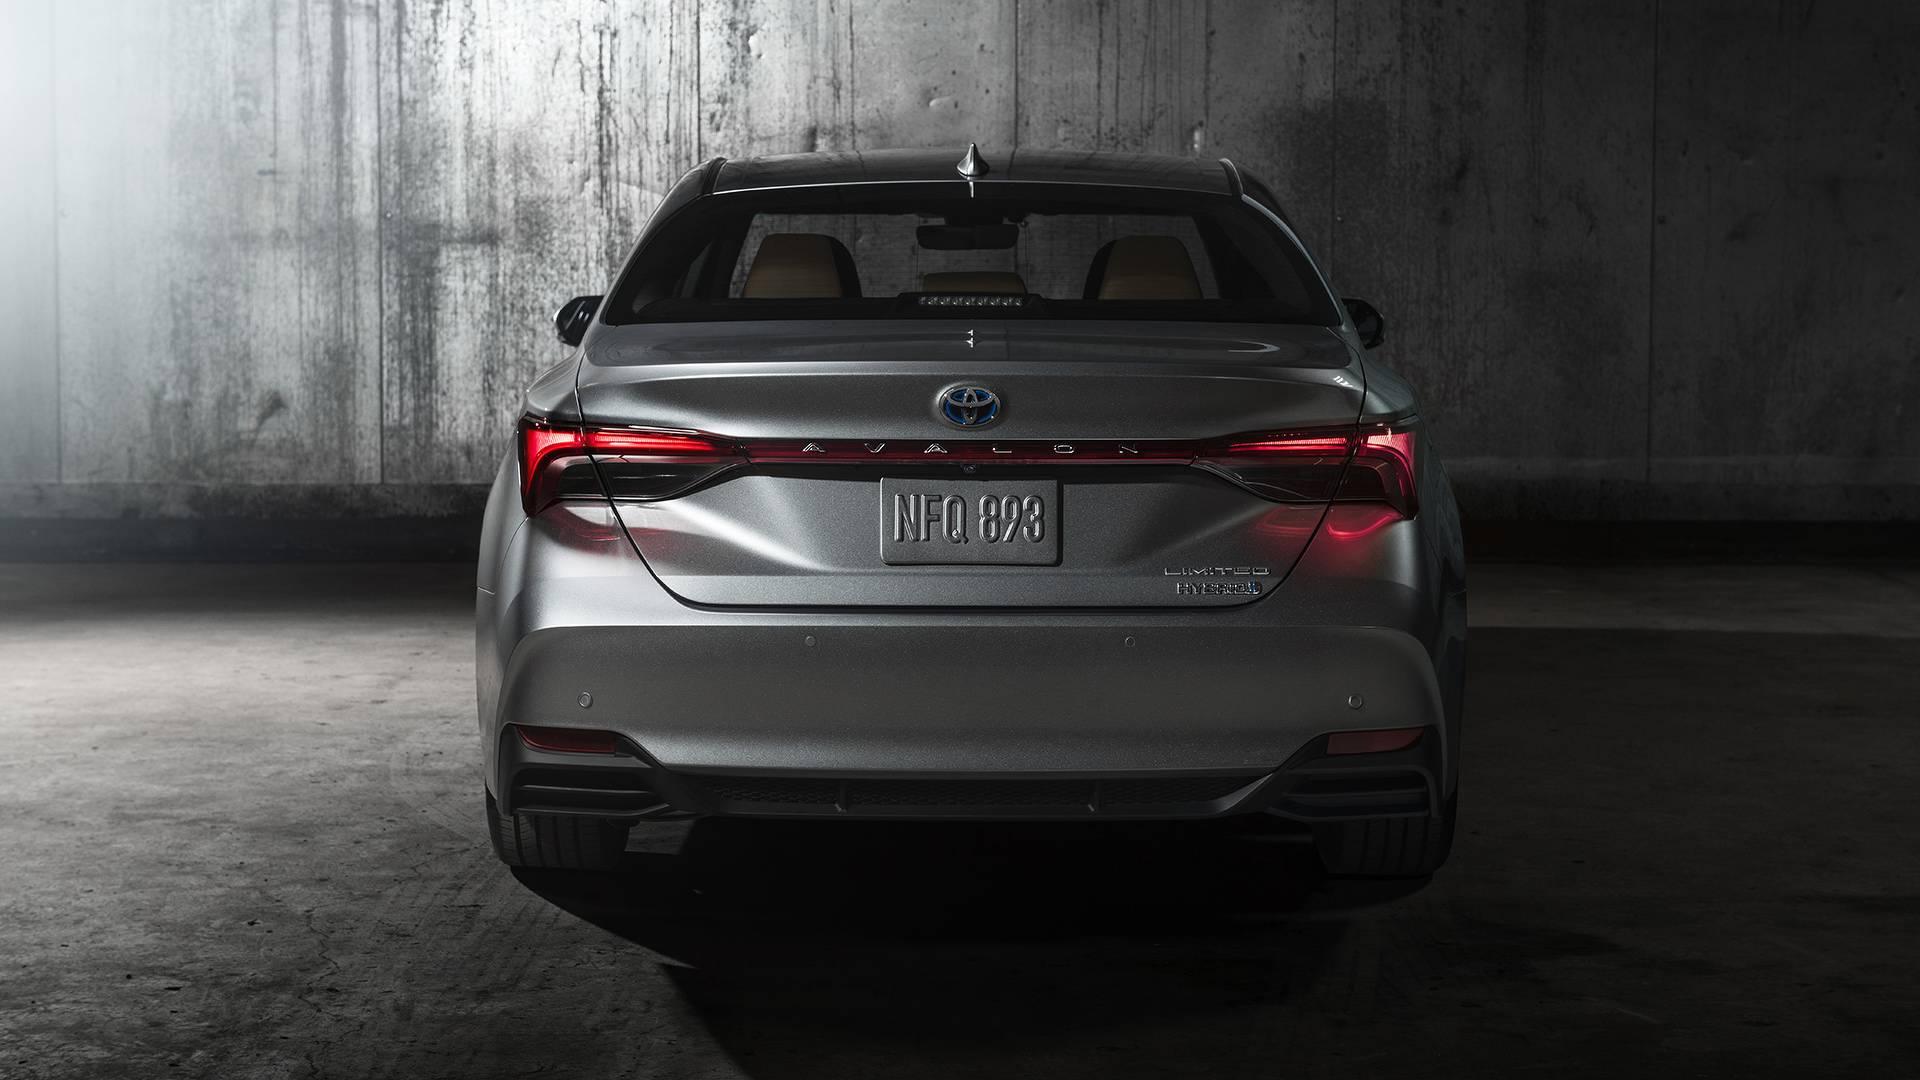 2019-toyota-avalon-limited-hybrid (4).jpg